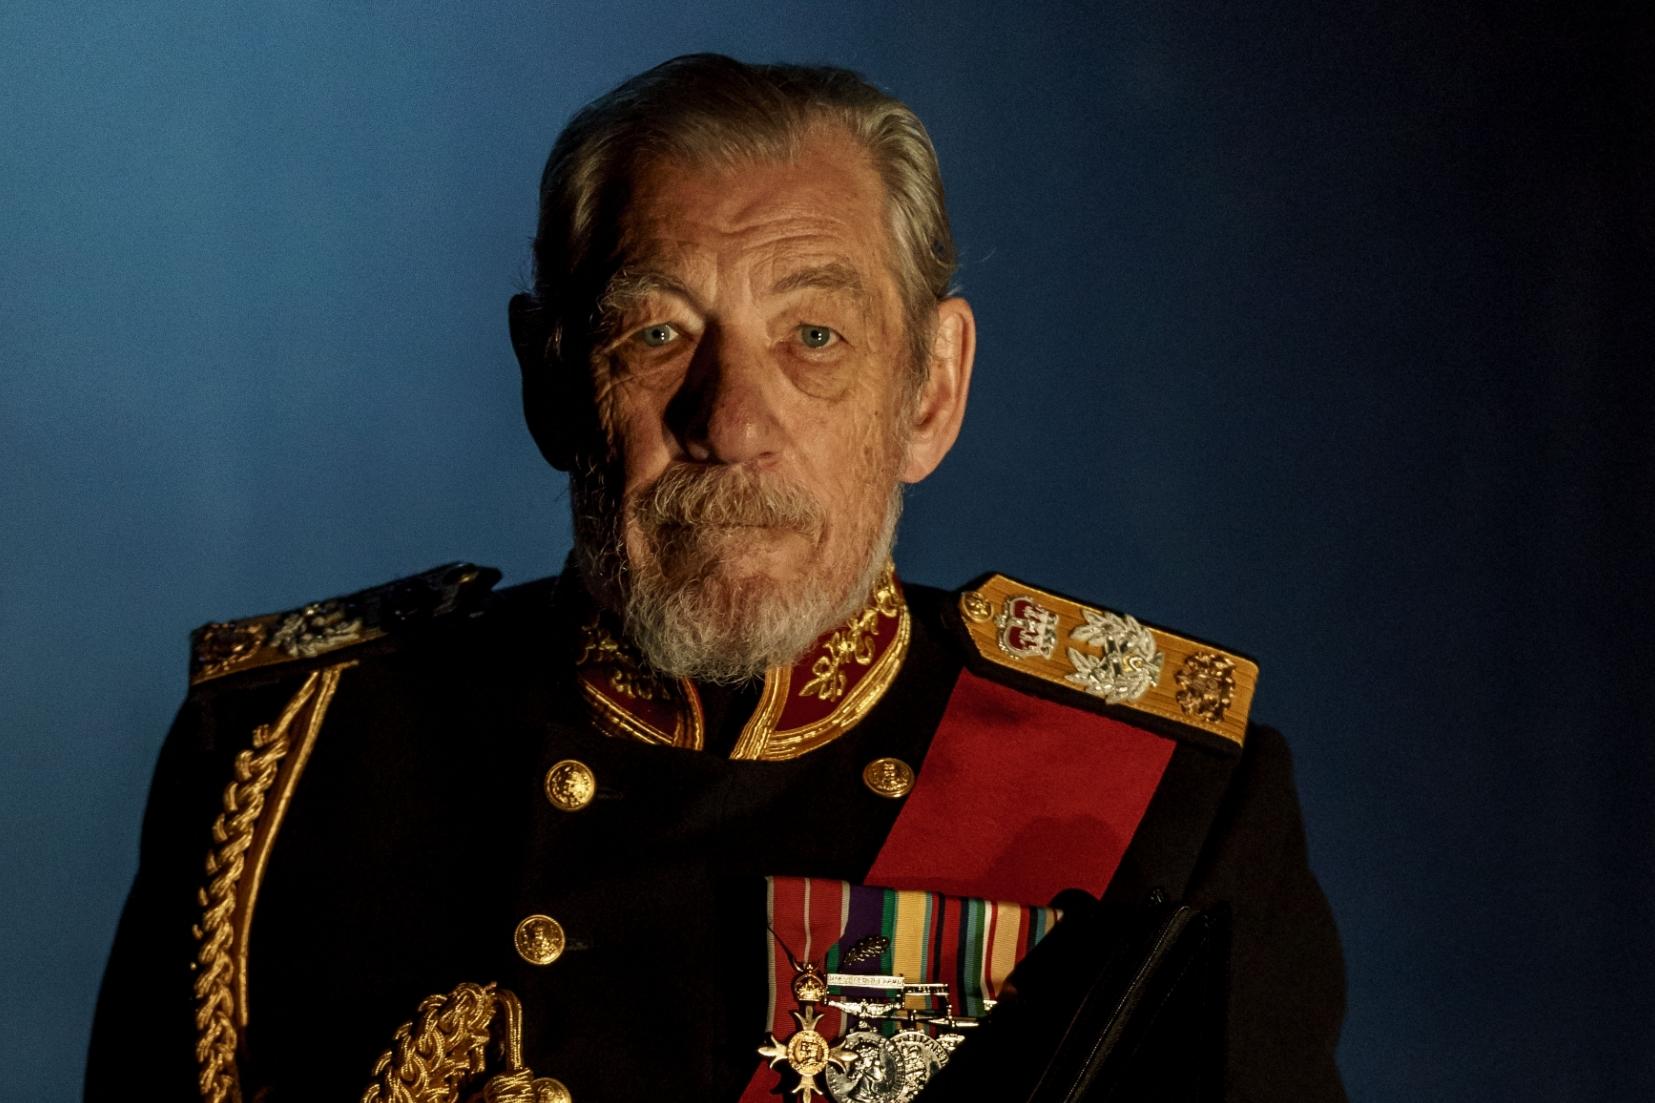 ΔΗΠΕΘΕ Αγρινίου: Με «Βασιλιά Ληρ» συνεχίζονται οι προβολές του προγράμματος του Εθνικού Θεάτρου Μ. Βρετανίας